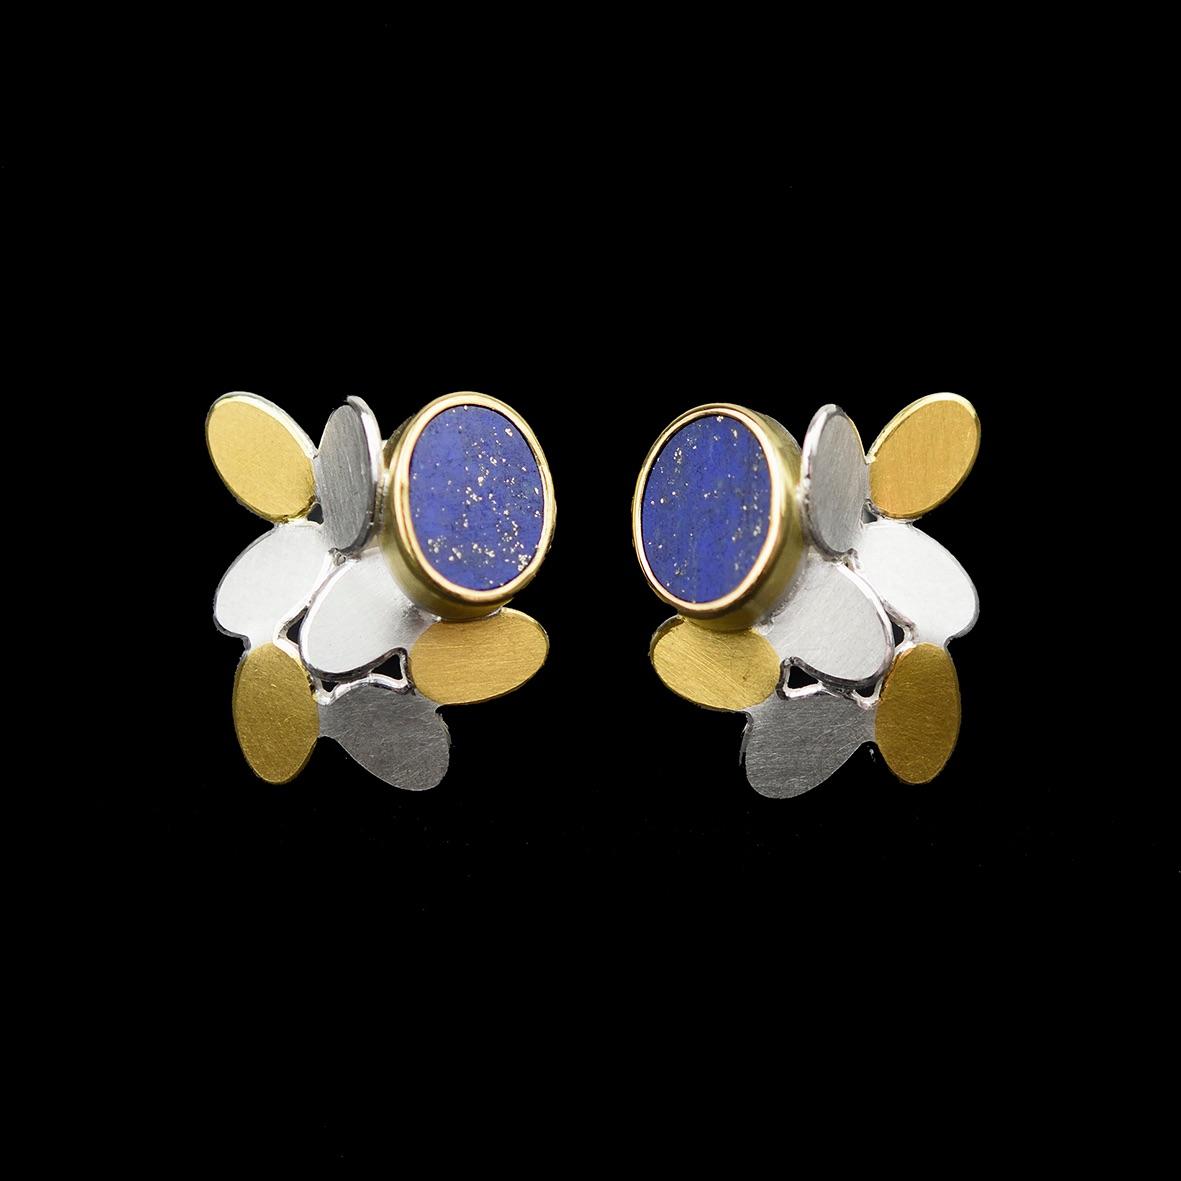 Random pattern lapis earrings with Keumboo